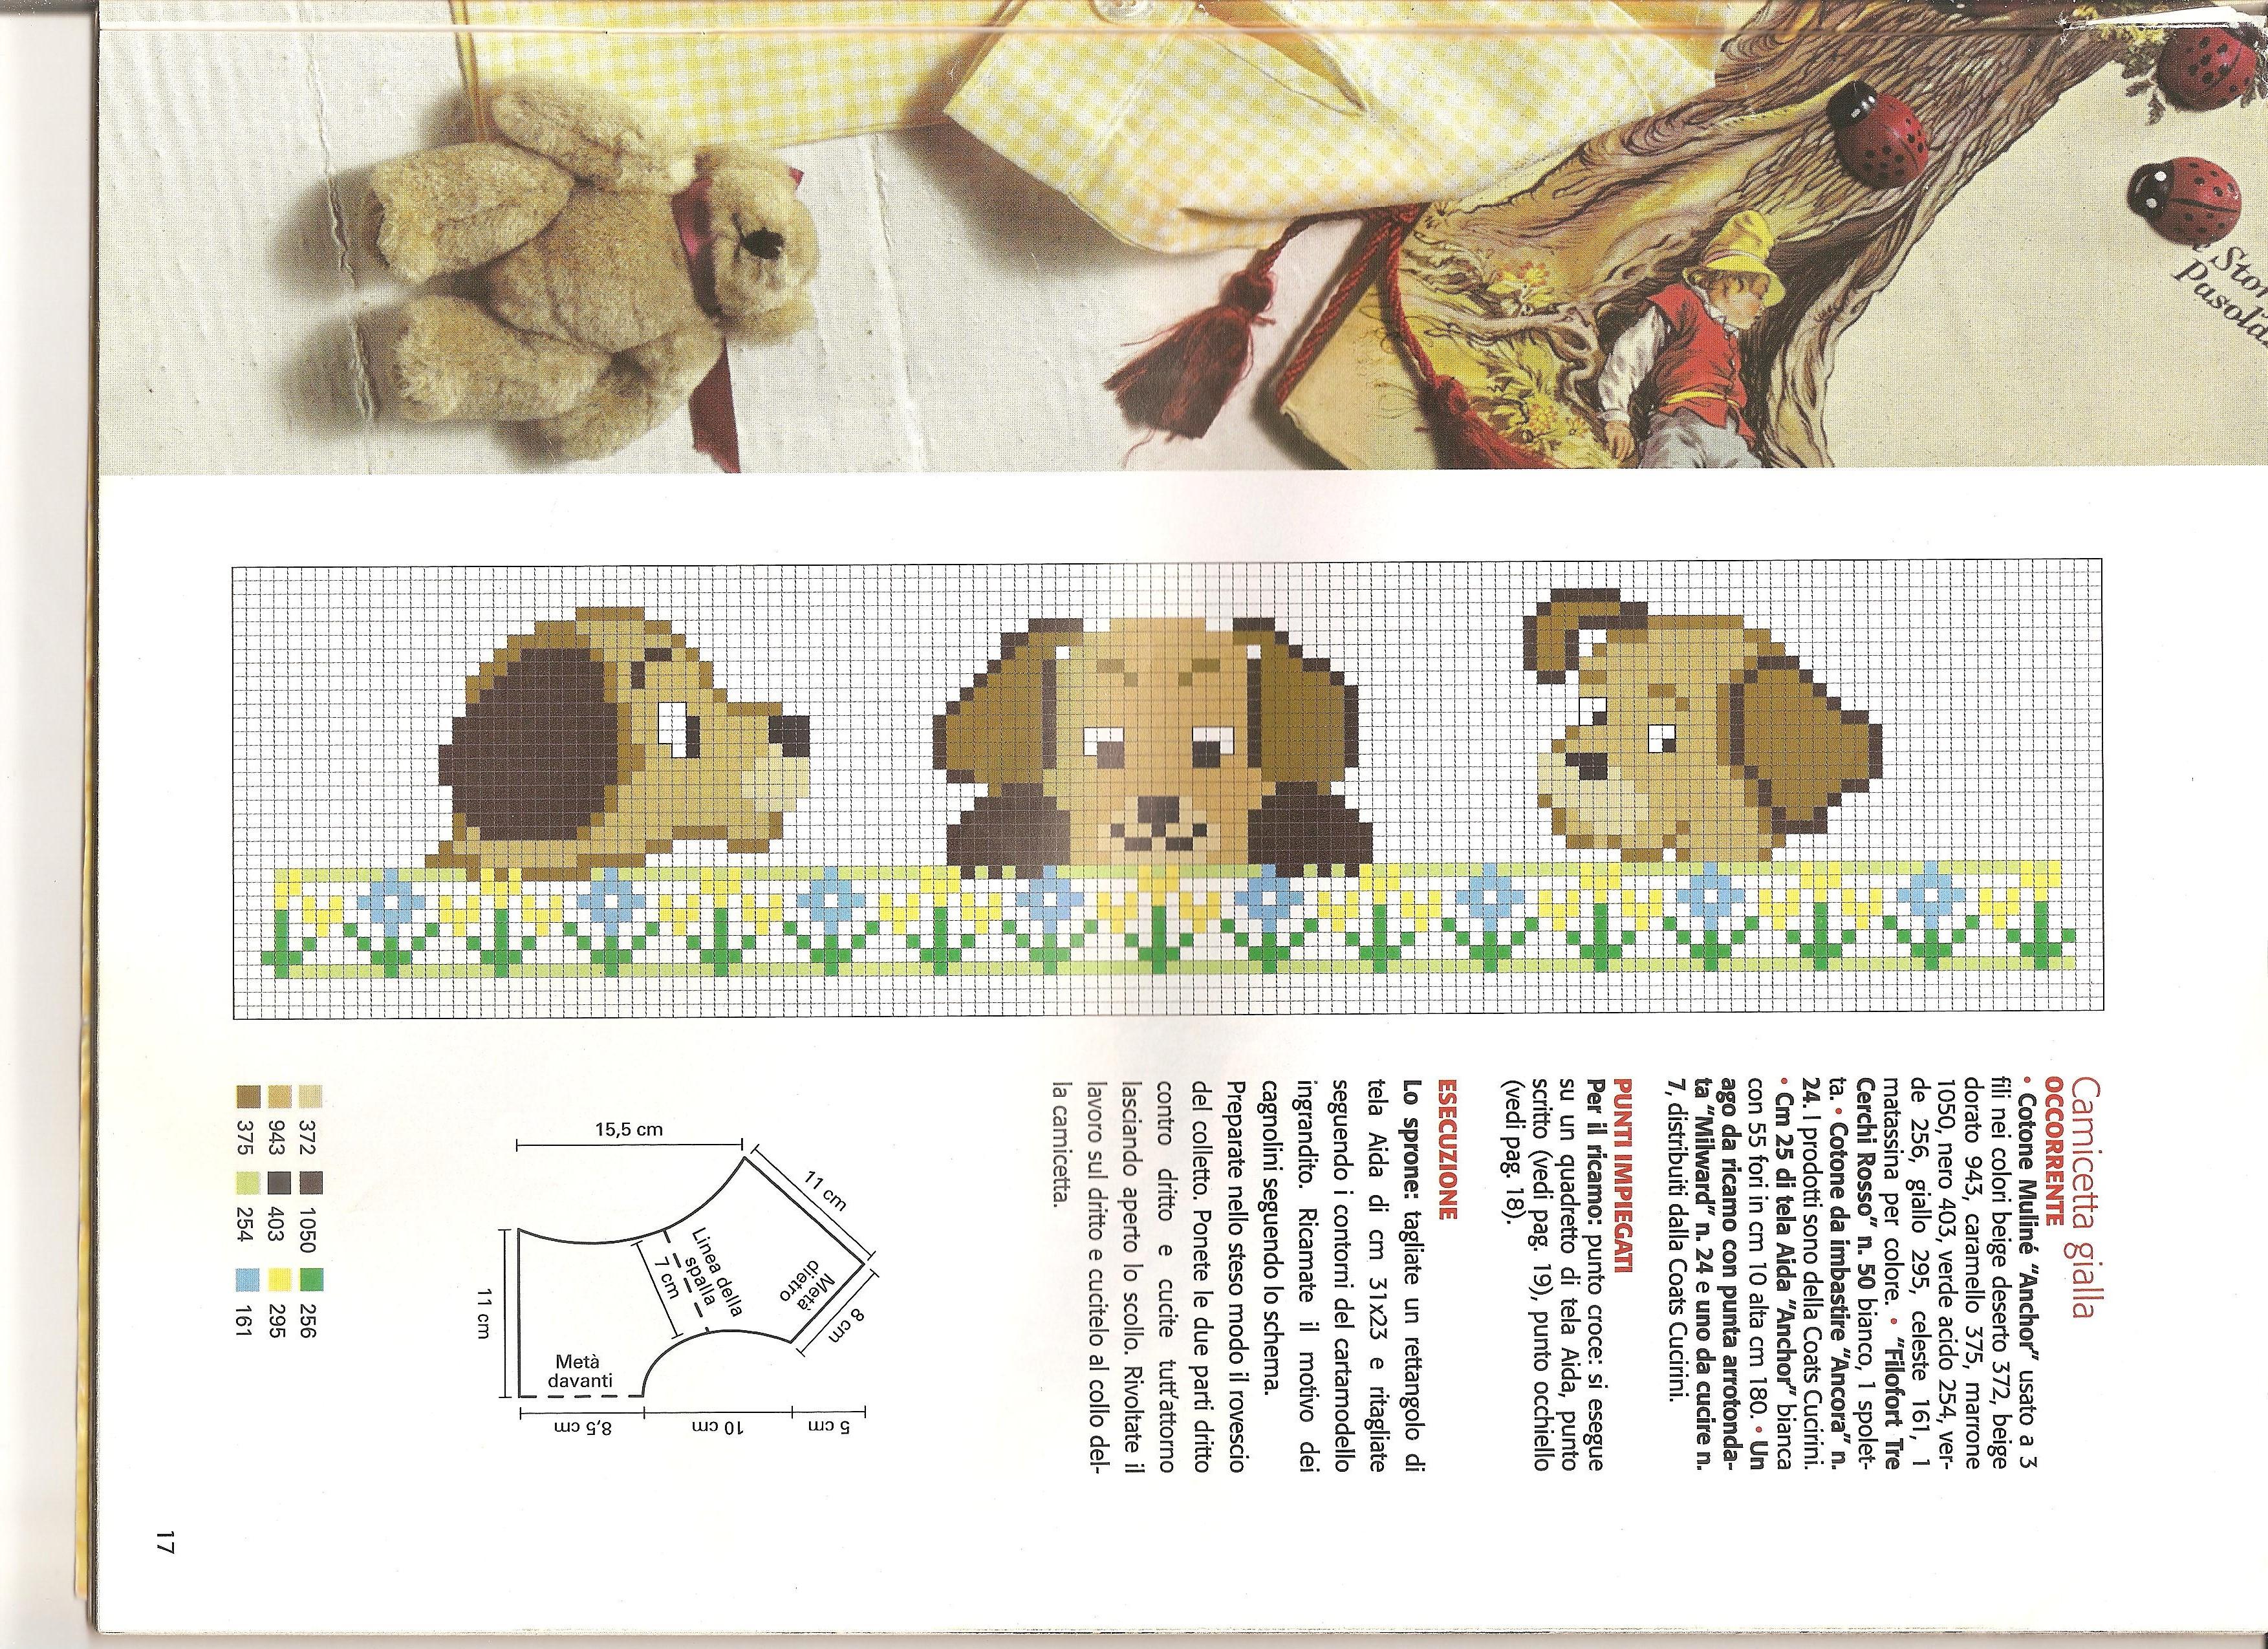 Animali bambini cagnolini punto croce for Schemi punto croce animali gratis